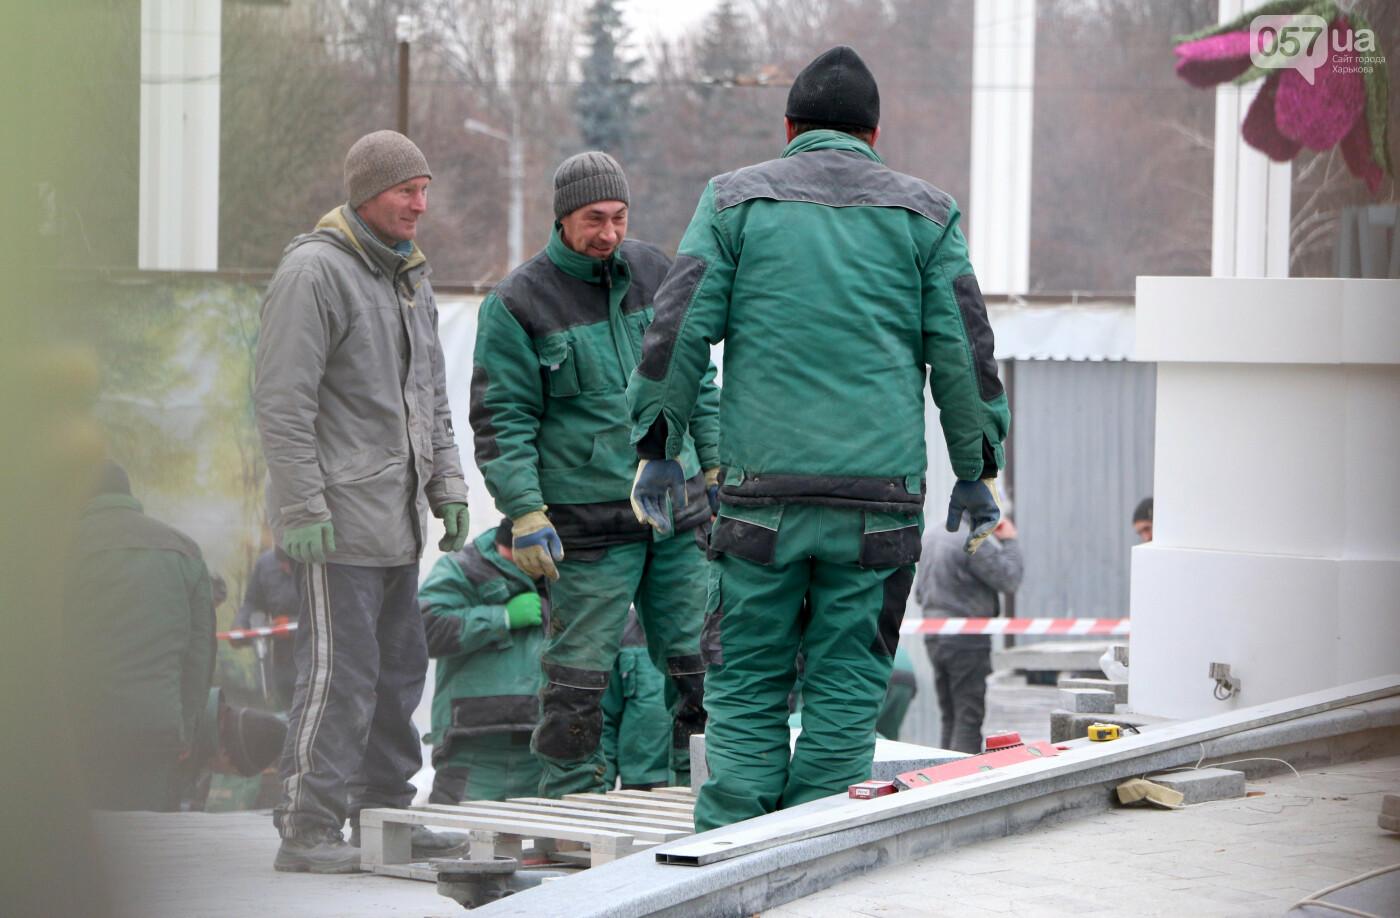 В Харькове после ремонта готовят к открытию «Зеркальную струю», - ФОТОРЕПОРТАЖ , фото-10